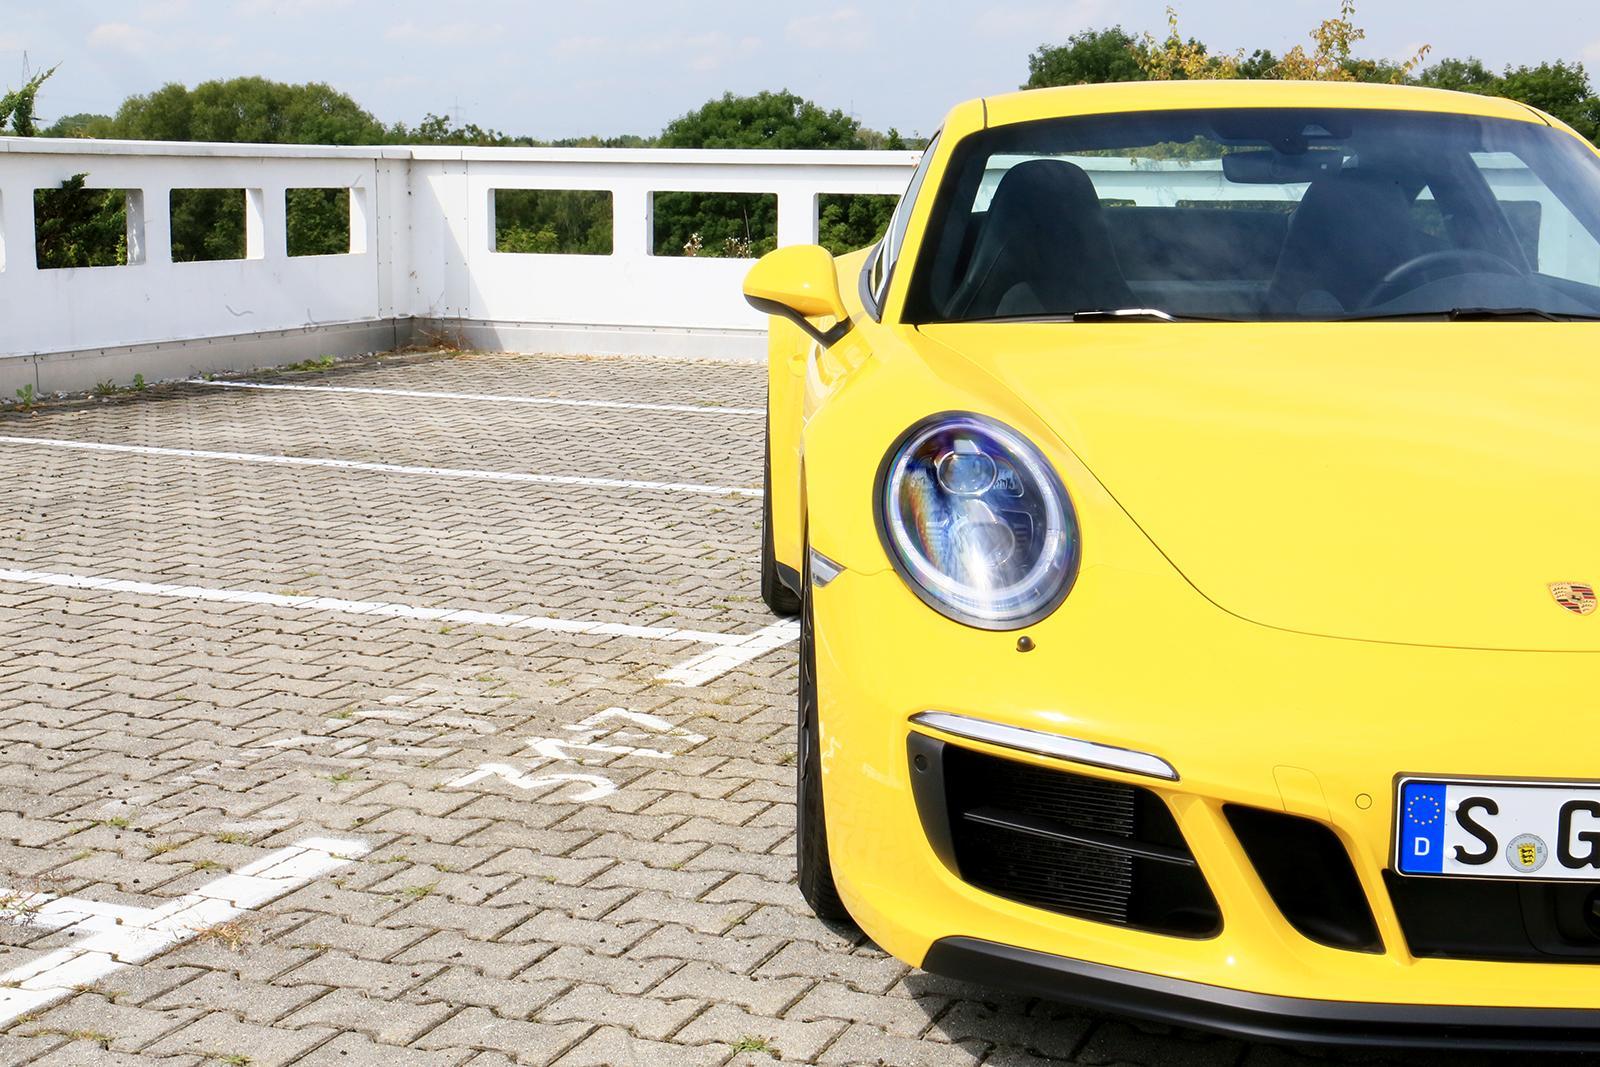 Porsche 911 Carrera GTS gelb halbierte Frontansicht rechts vorne parkend Parkplatz